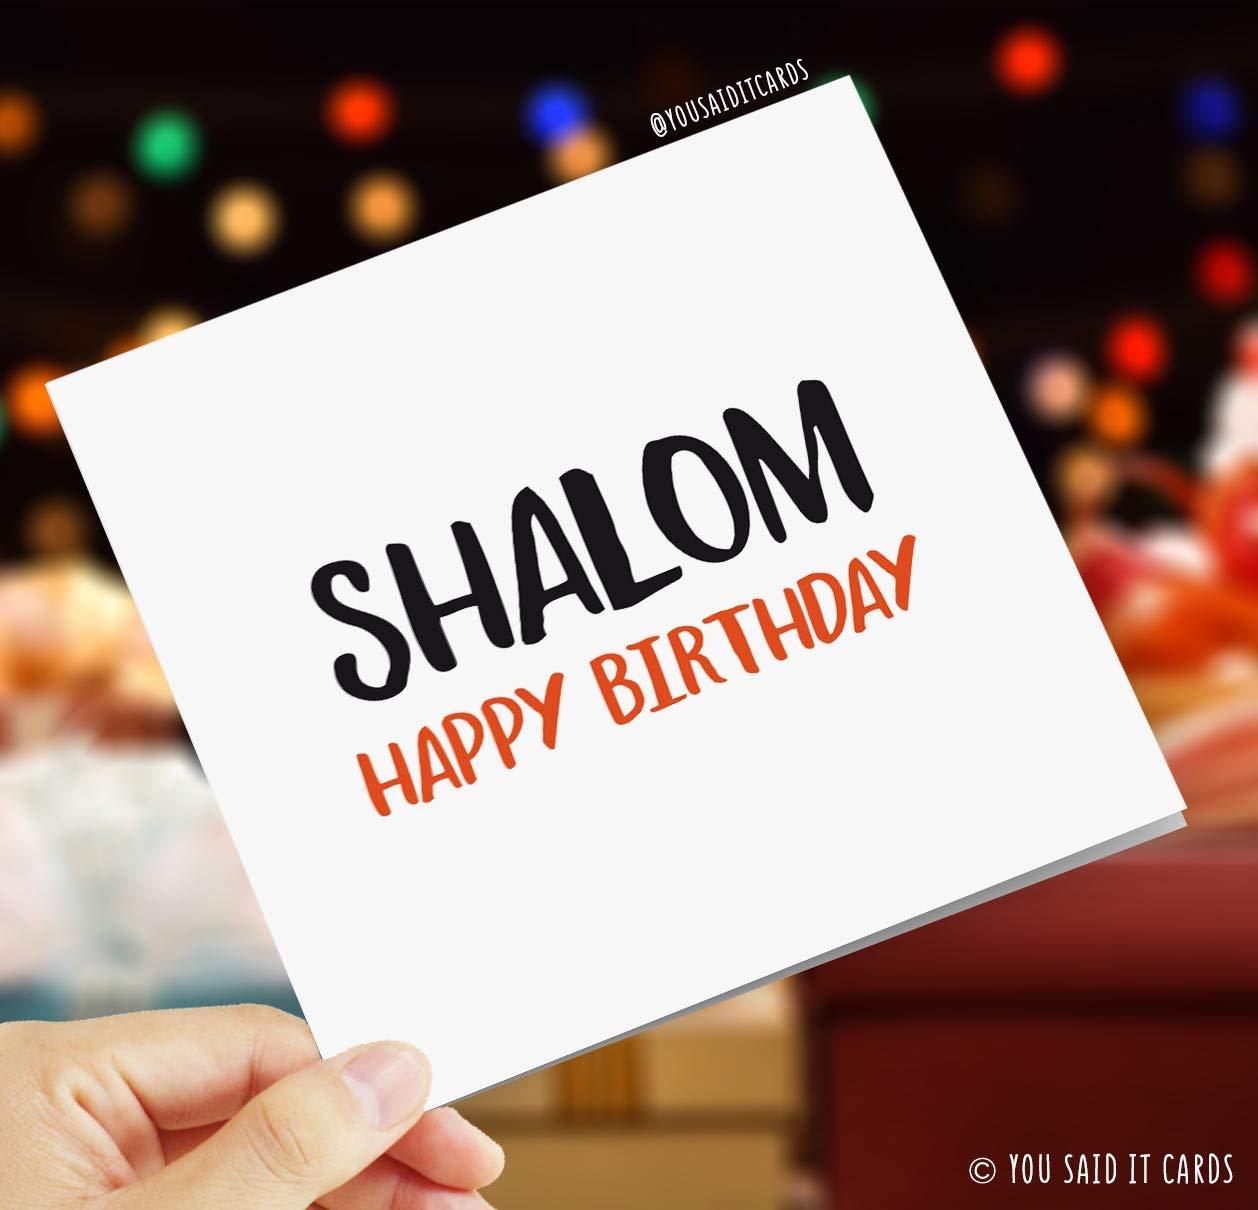 Shalom Happy Birthday